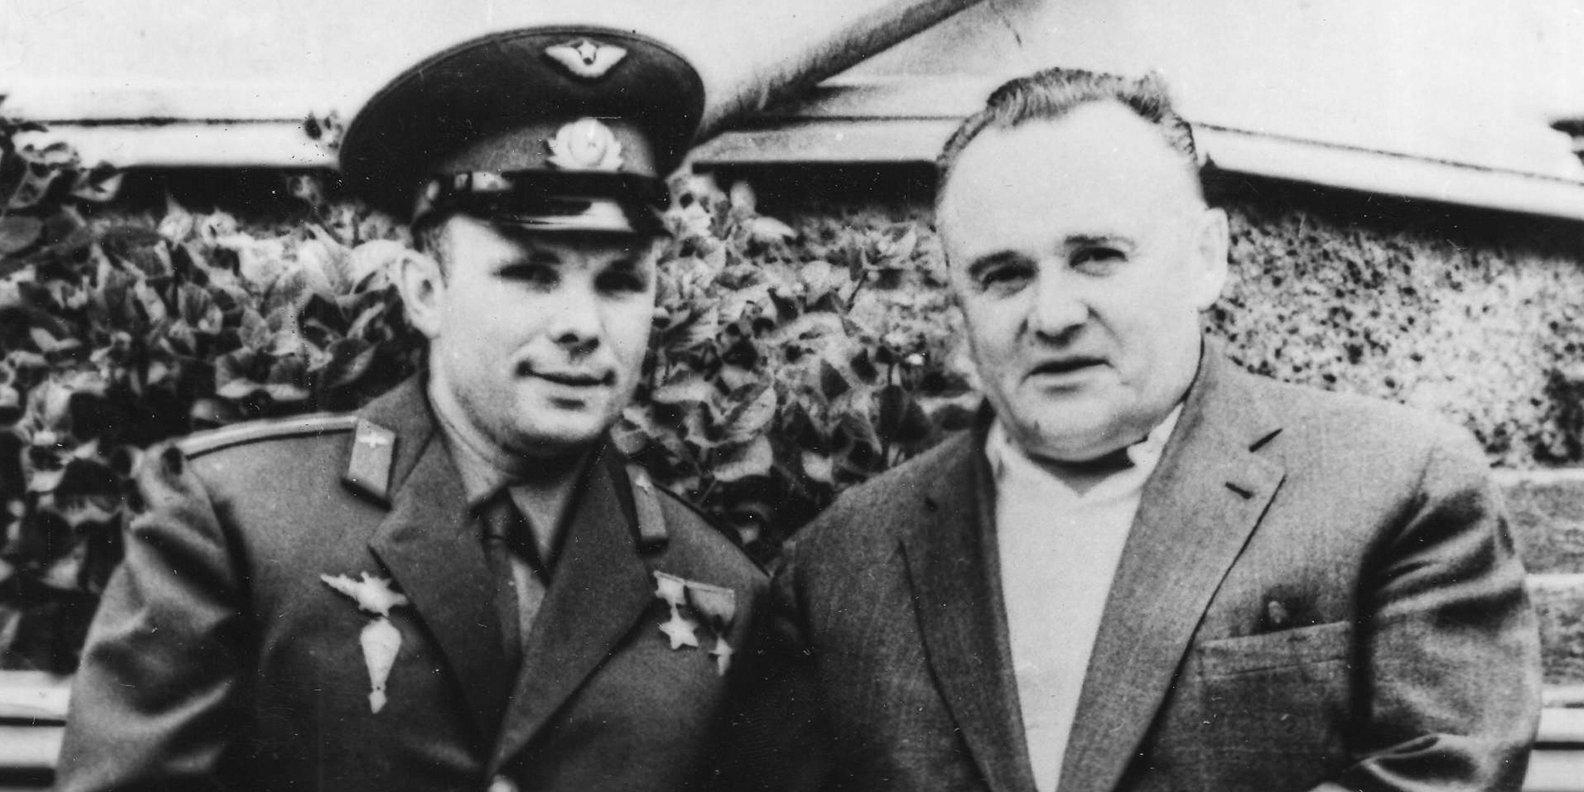 Встречи с космонавтами, экскурсии и кинопоказ: на ВДНХ отметят день рождения Юрия Гагарина